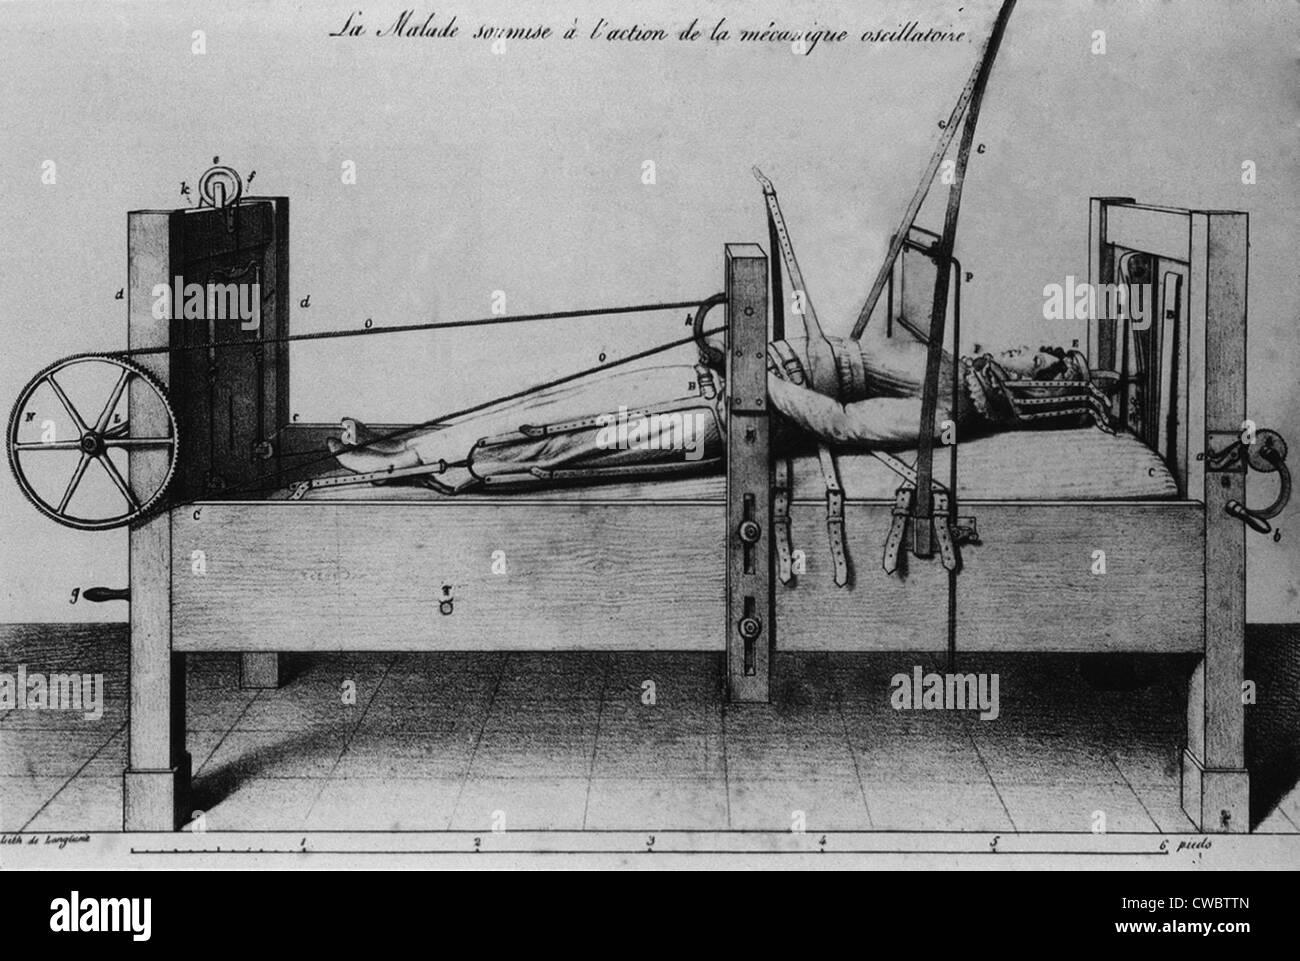 Paciente de sexo femenino, atado a una cama ortopédica, con tirantes y gira para aplicar tracción. A partir Imagen De Stock